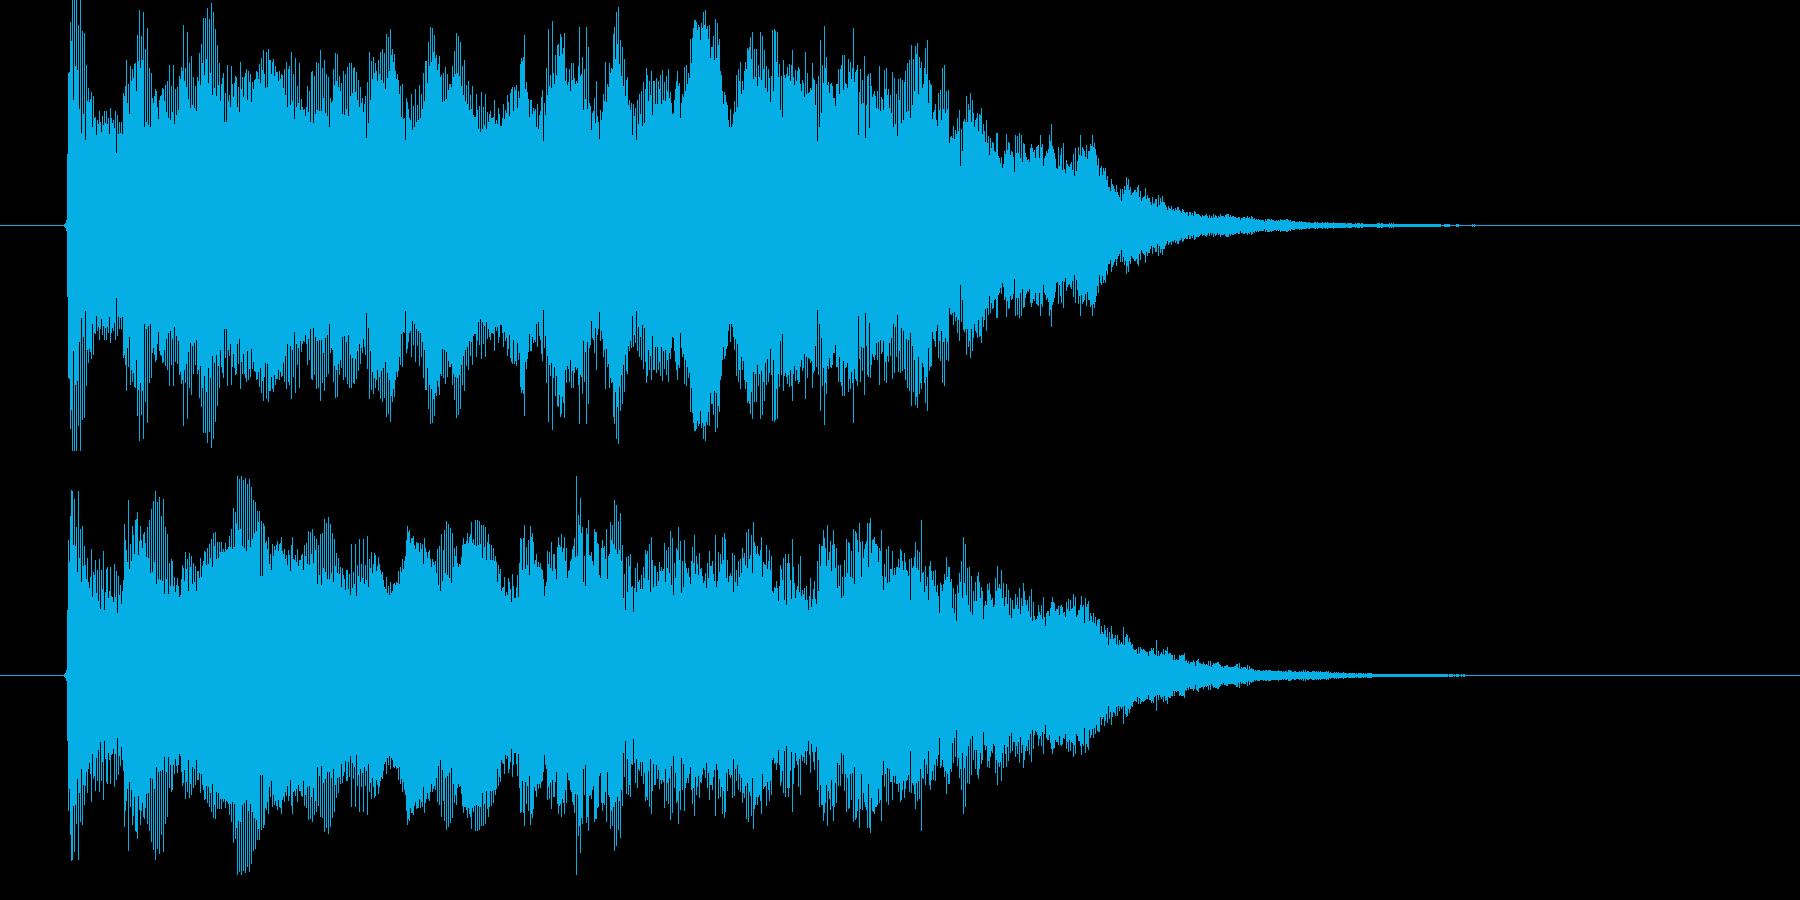 シンセの響きがドラマティックなBGMの再生済みの波形